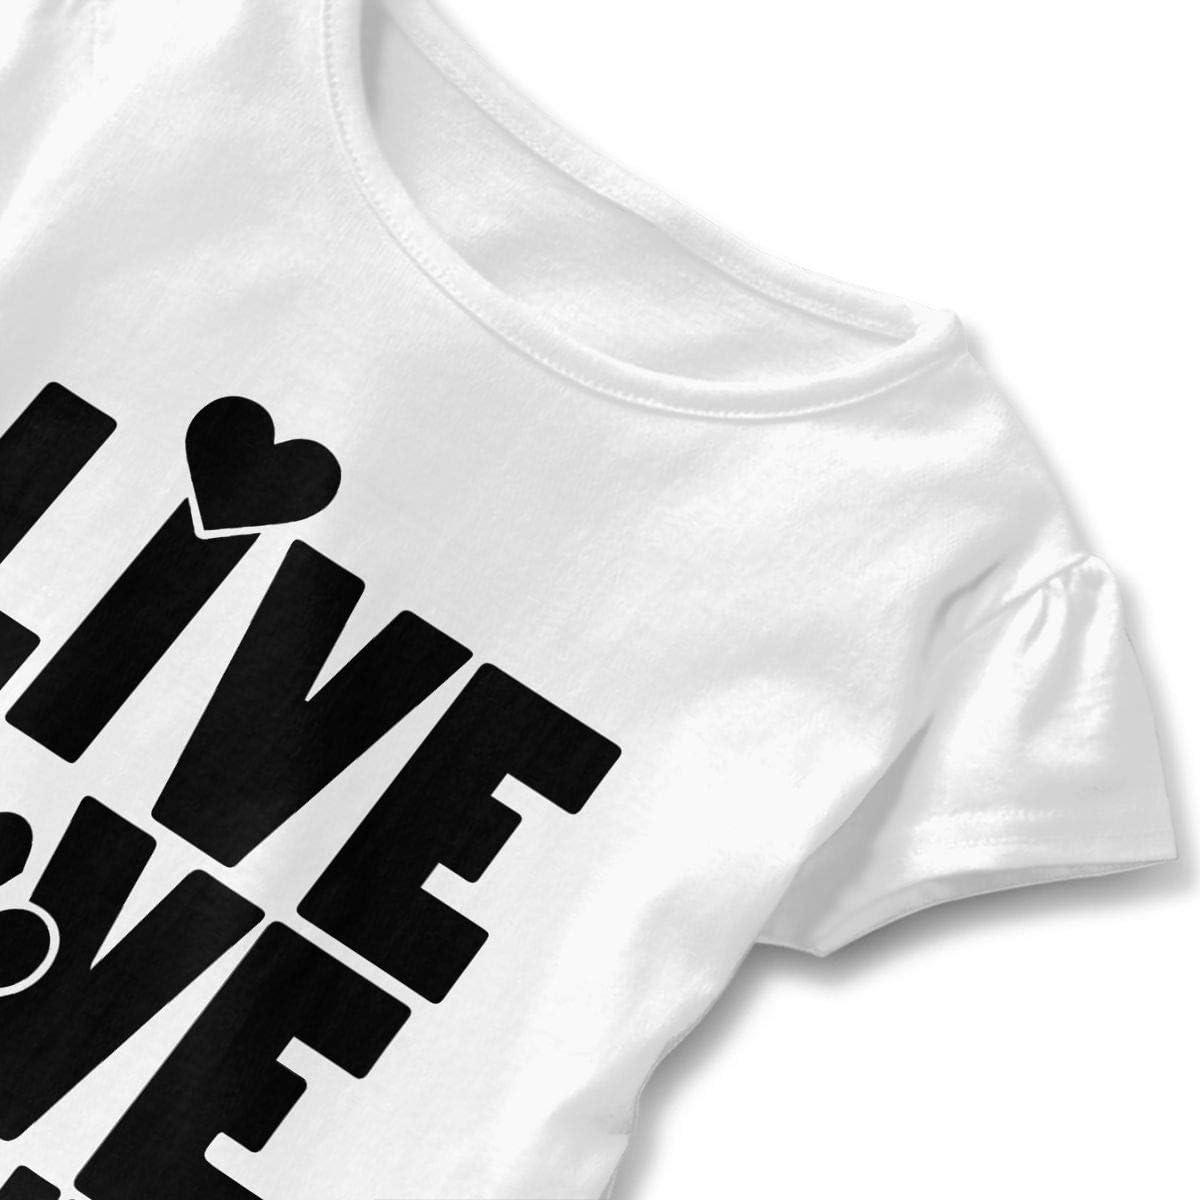 Live Love Rescue Animal Kids Children Round Collar Shirt Clothes